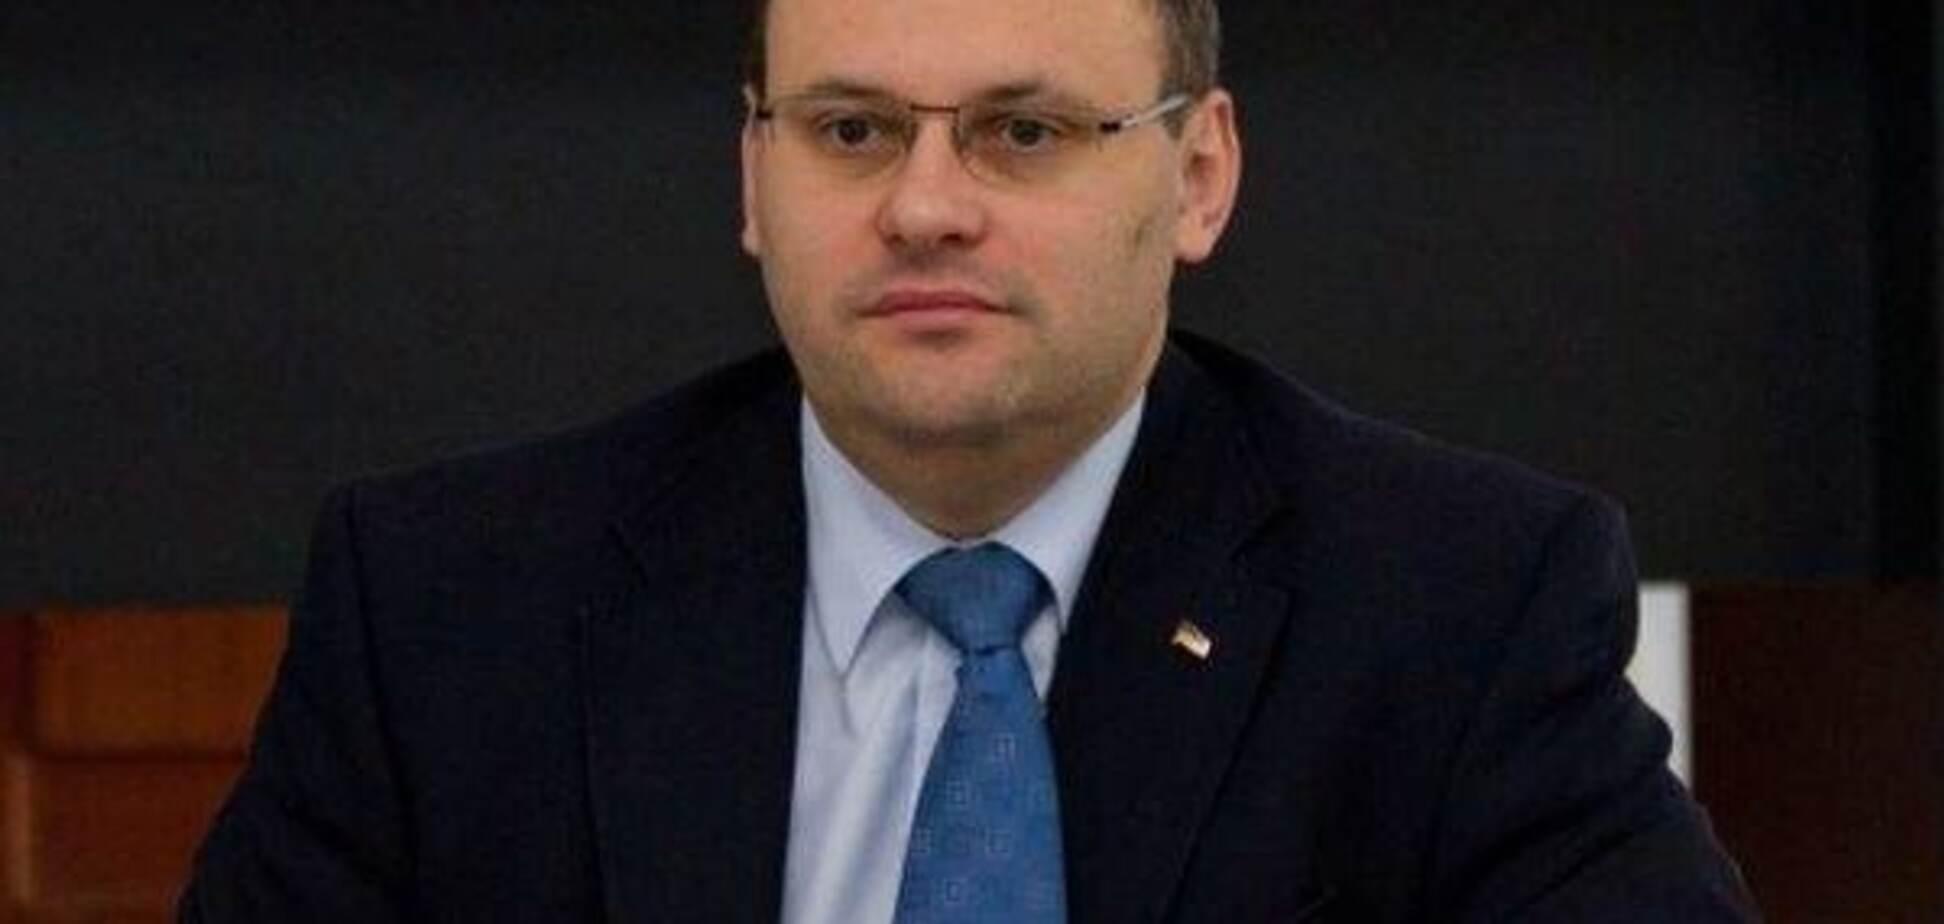 Панамский суд арестовал Каськива на 40 суток - СМИ